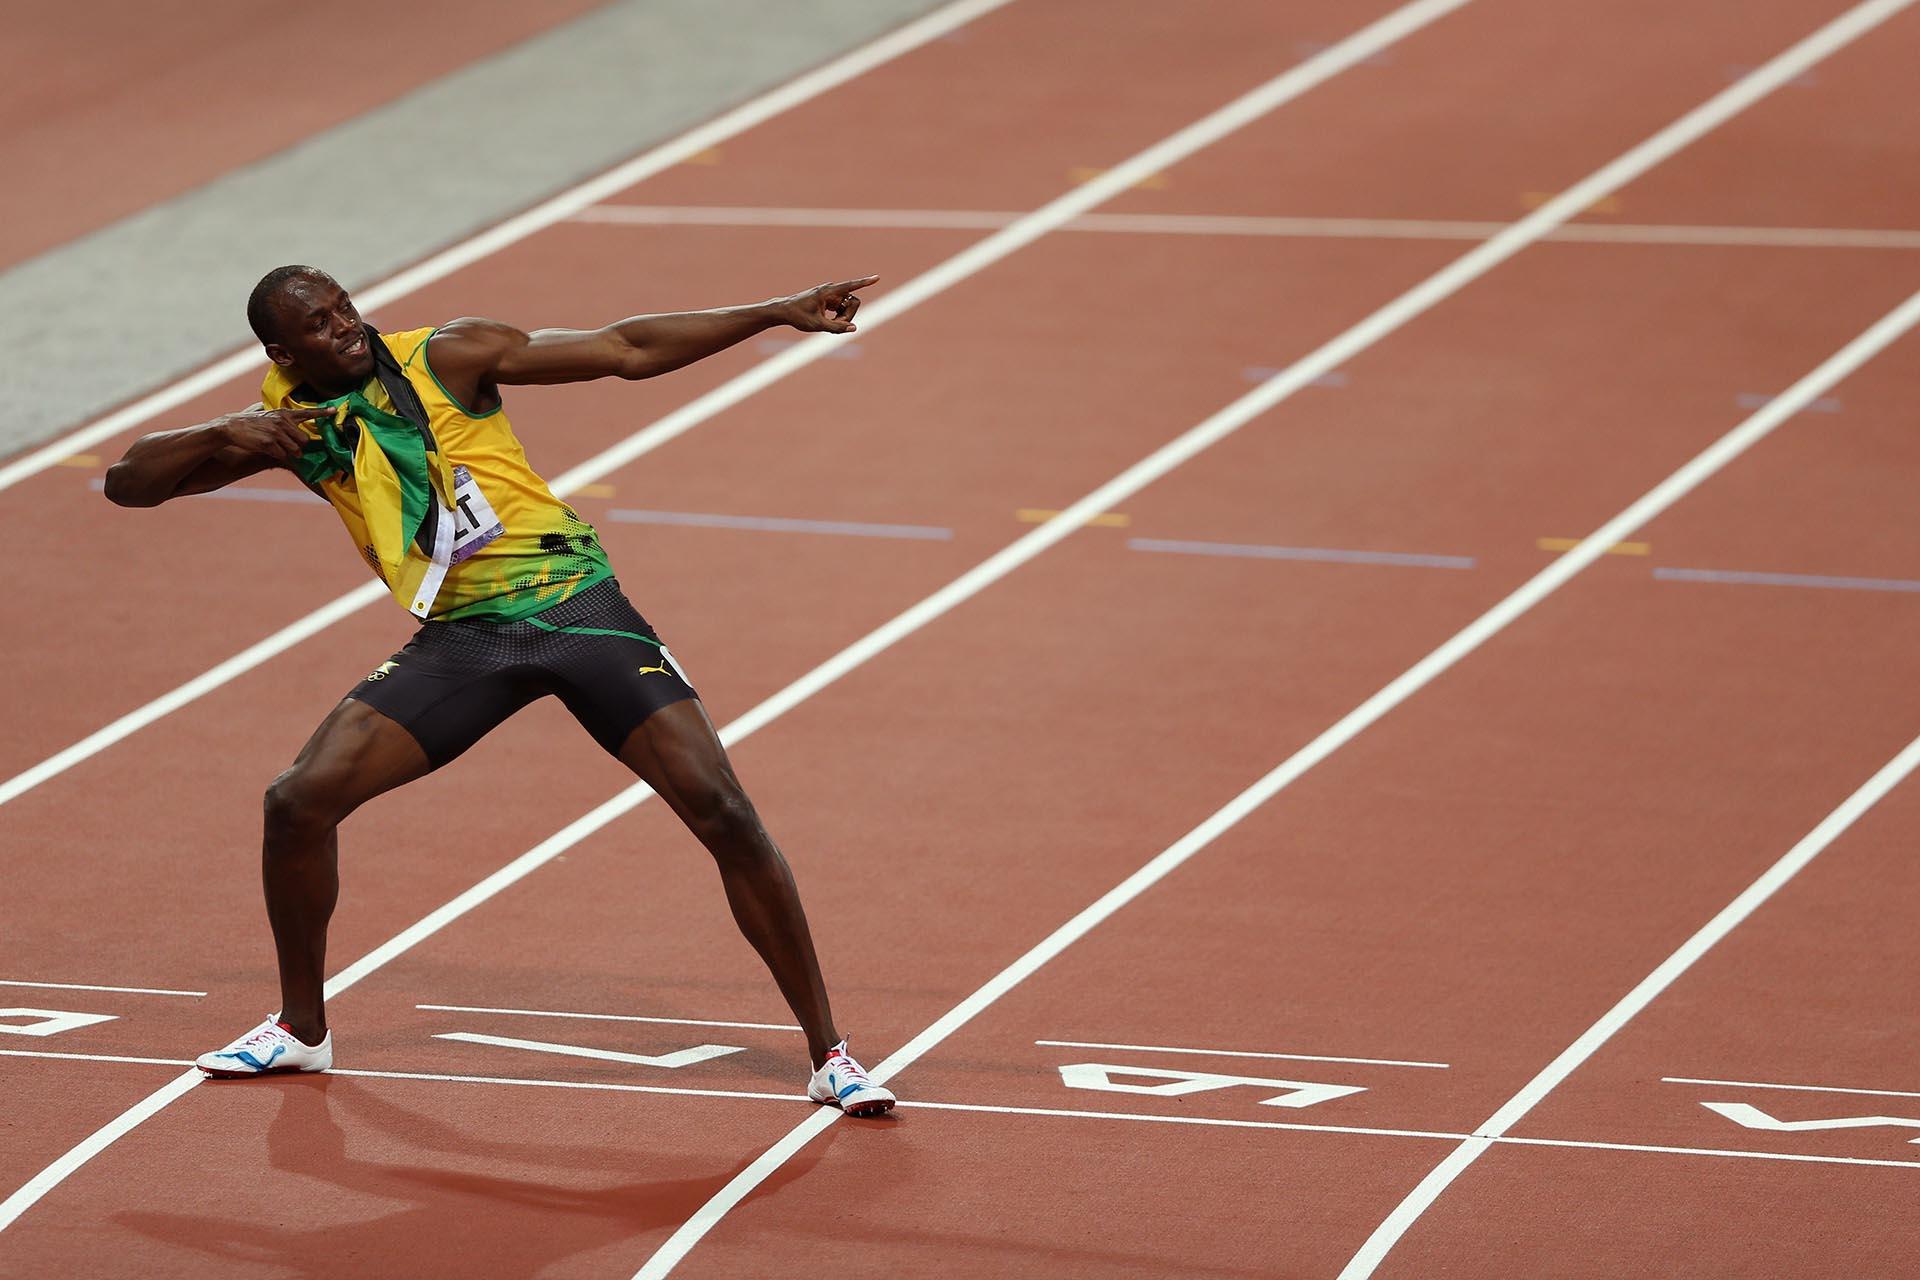 TambiénUsain Bolt se quedó con el primer puesto en los 200 metros de los Juegos Olímpicos de Londresy su celebración ya era todo un símbolo dentro de las pistas (Getty Images)